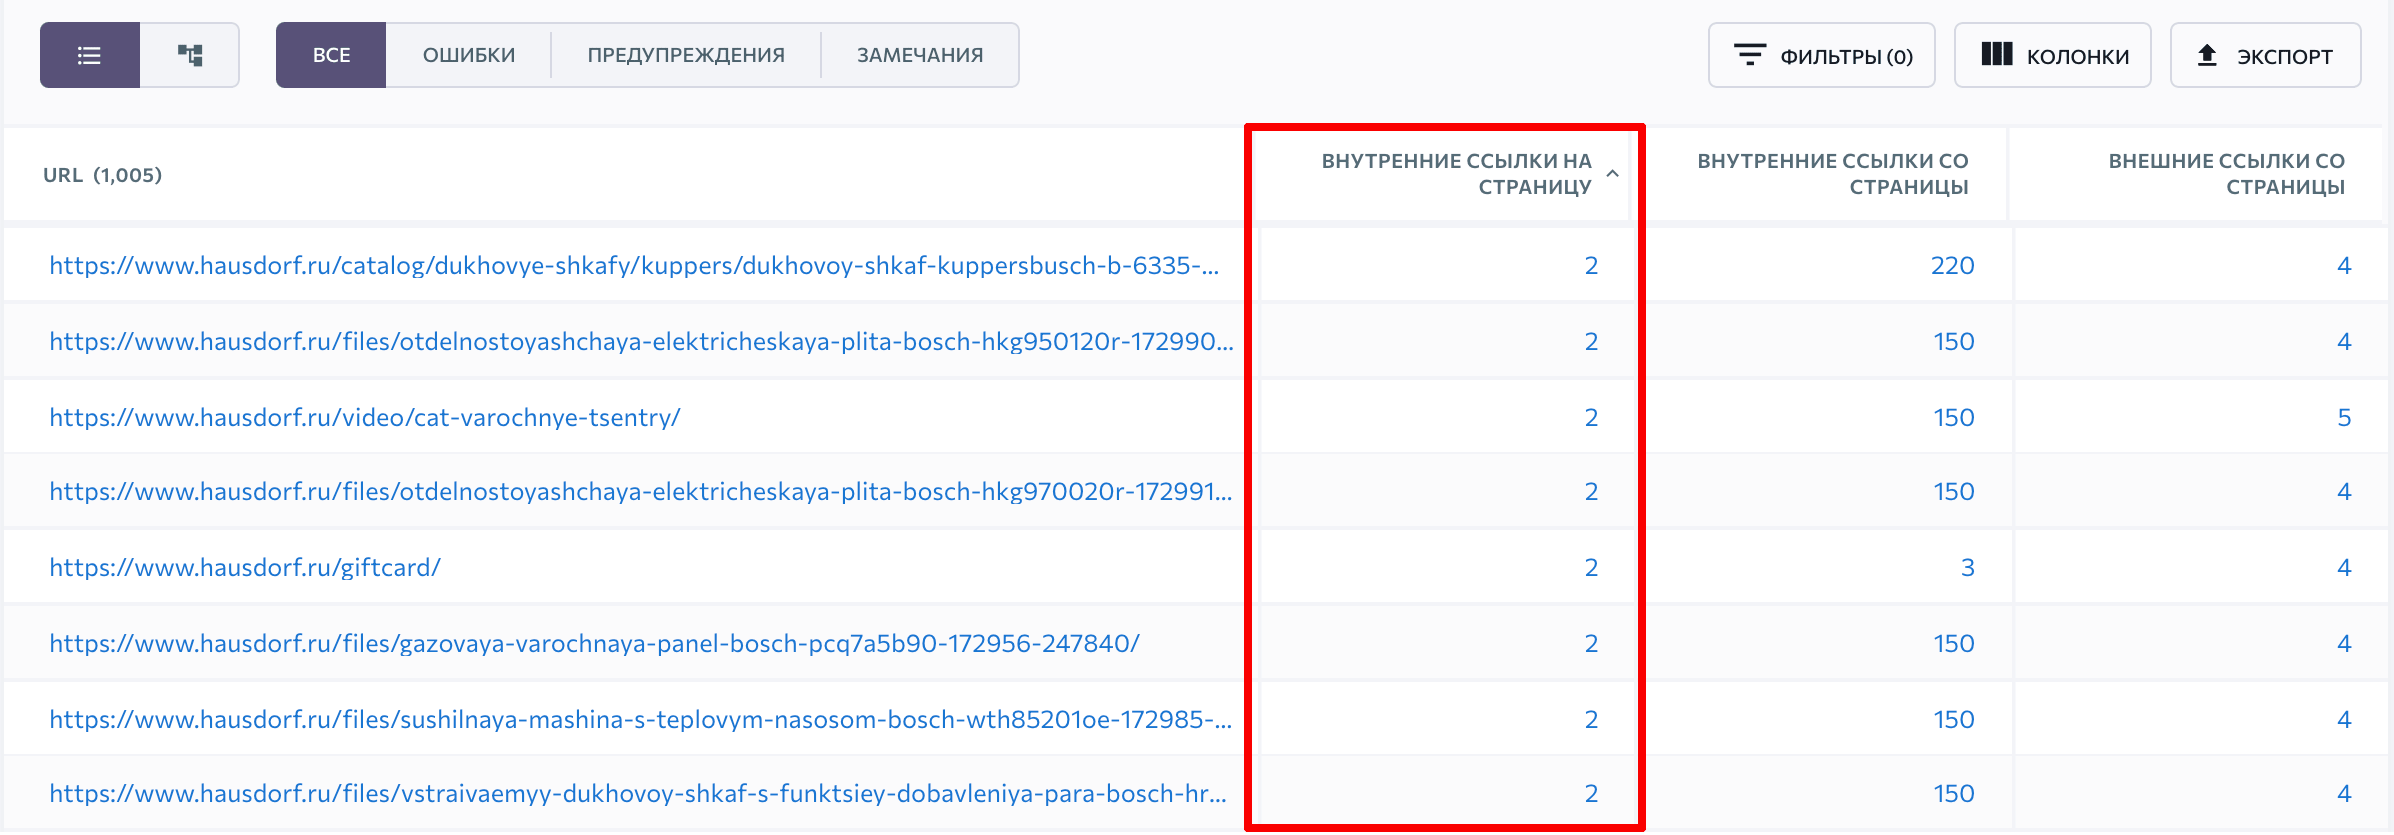 Как найти страницы с малым количеством внутренних ссылок